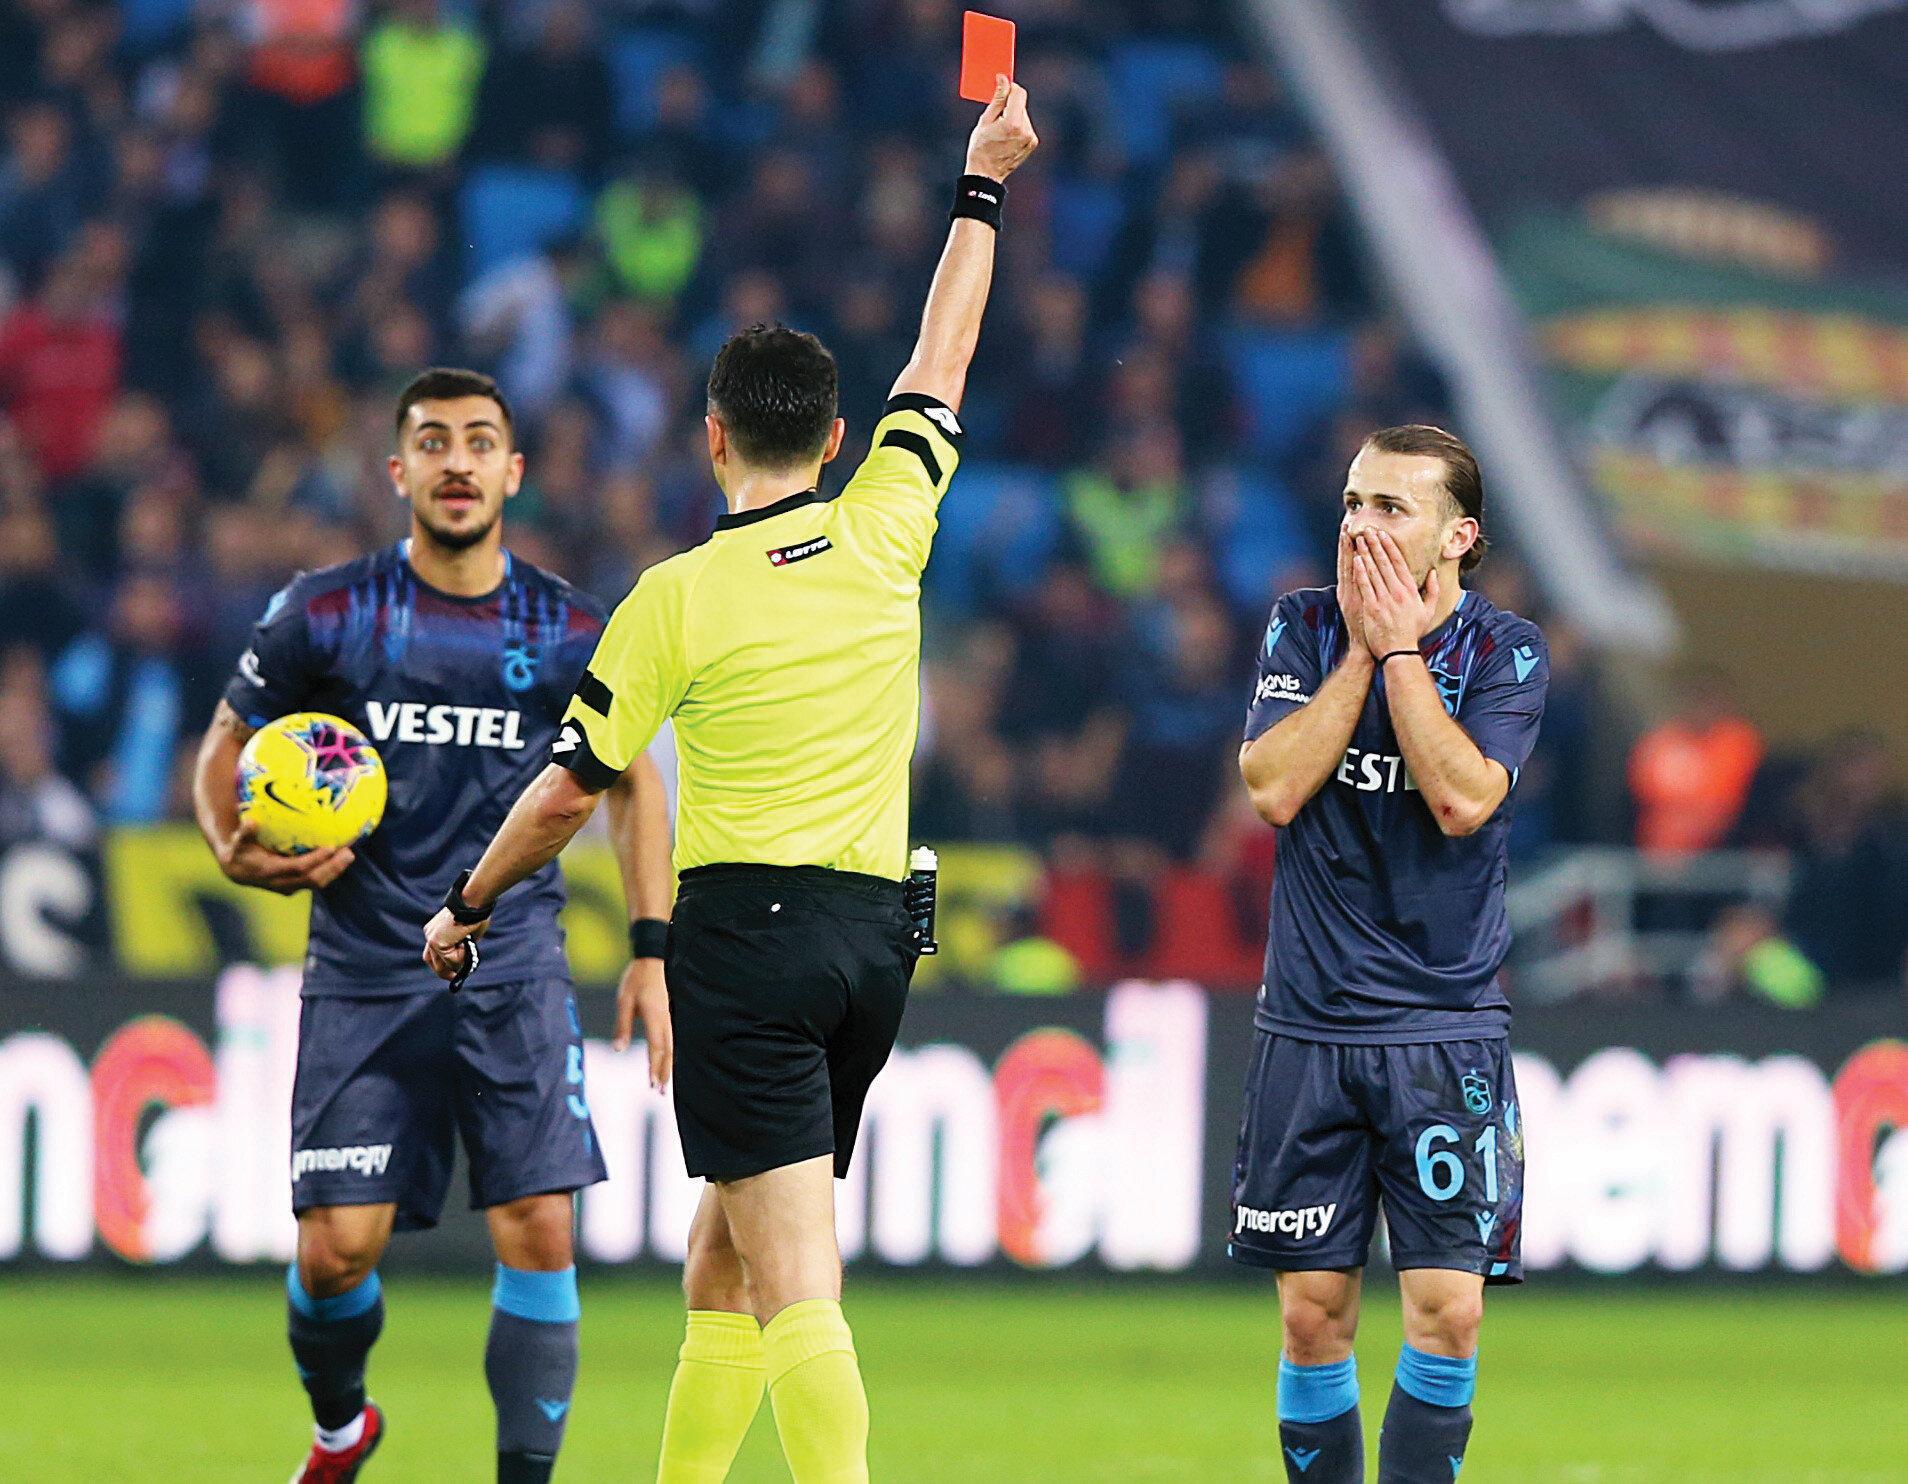 """Futbol otoritelerinin çoğu Abdulkadir Parmak'a gösterilen kırmızı kartı """"Skandal"""" olarak değerlendirdi."""